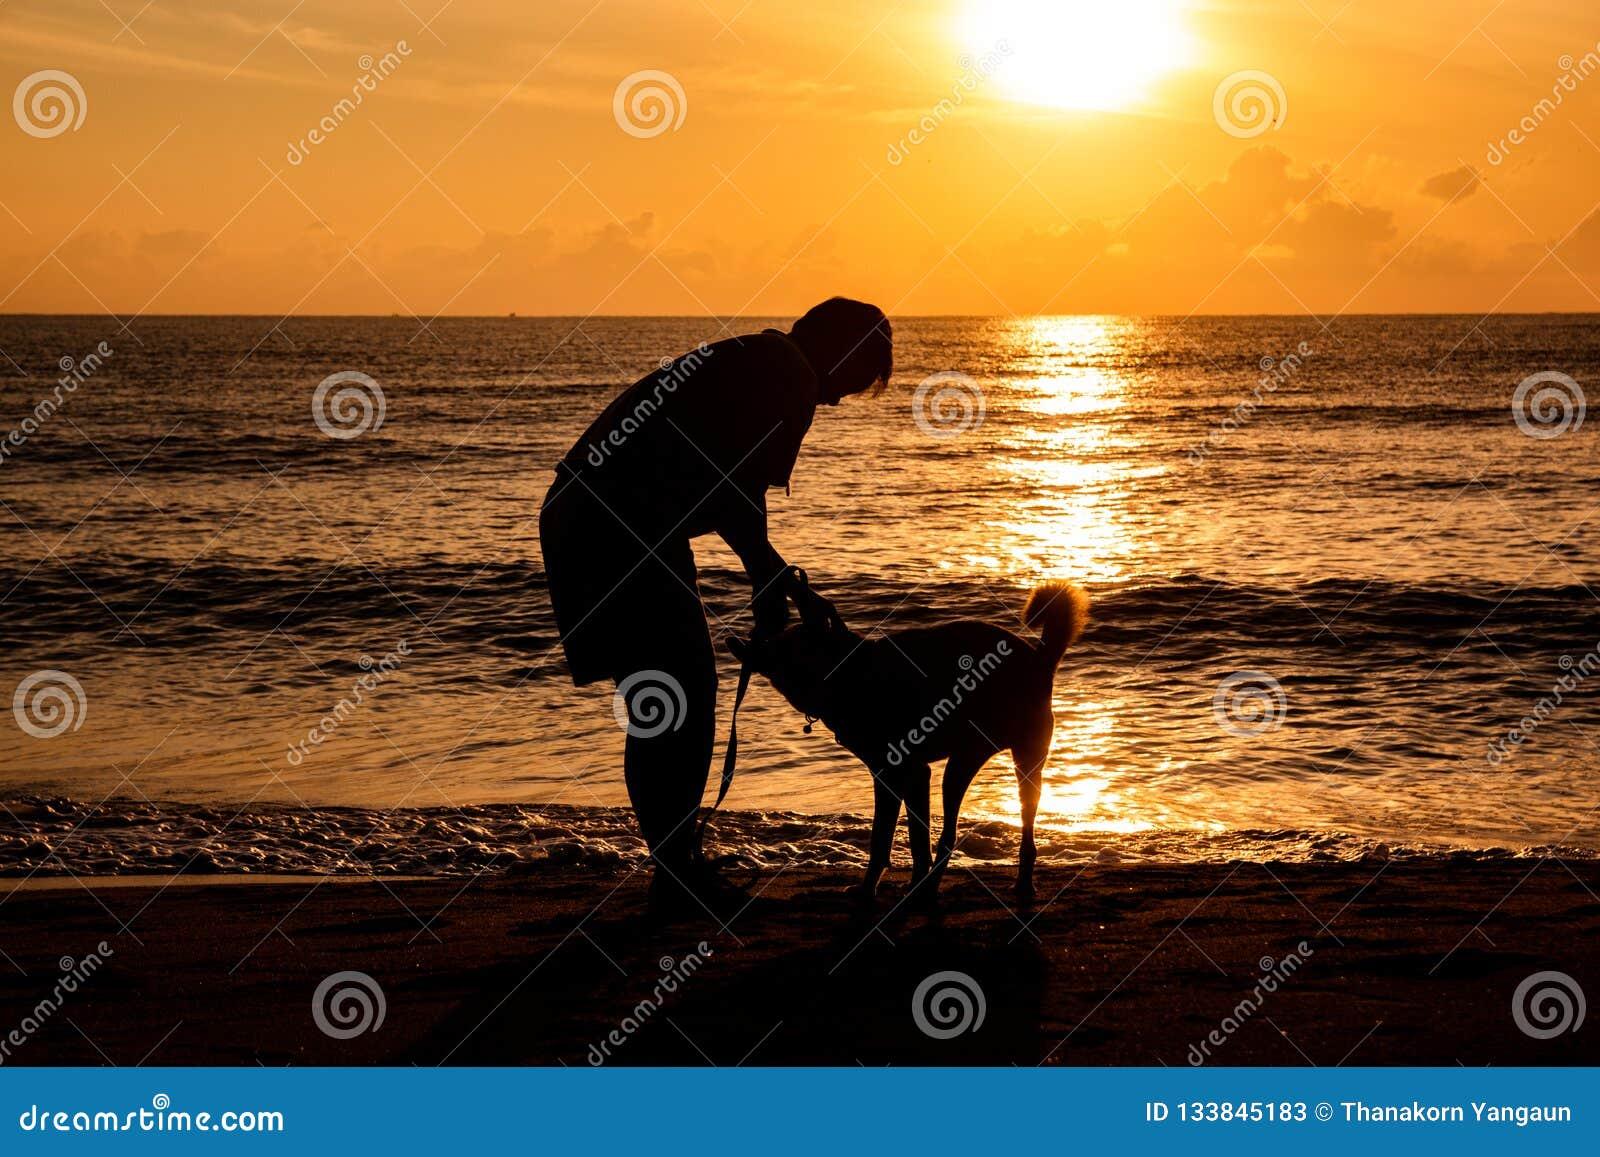 Σκυλί και ιδιοκτήτης που περπατούν και που παίζουν μαζί στην παραλία θάλασσας με το όμορφο υπόβαθρο φωτός του ήλιου στις διακοπές